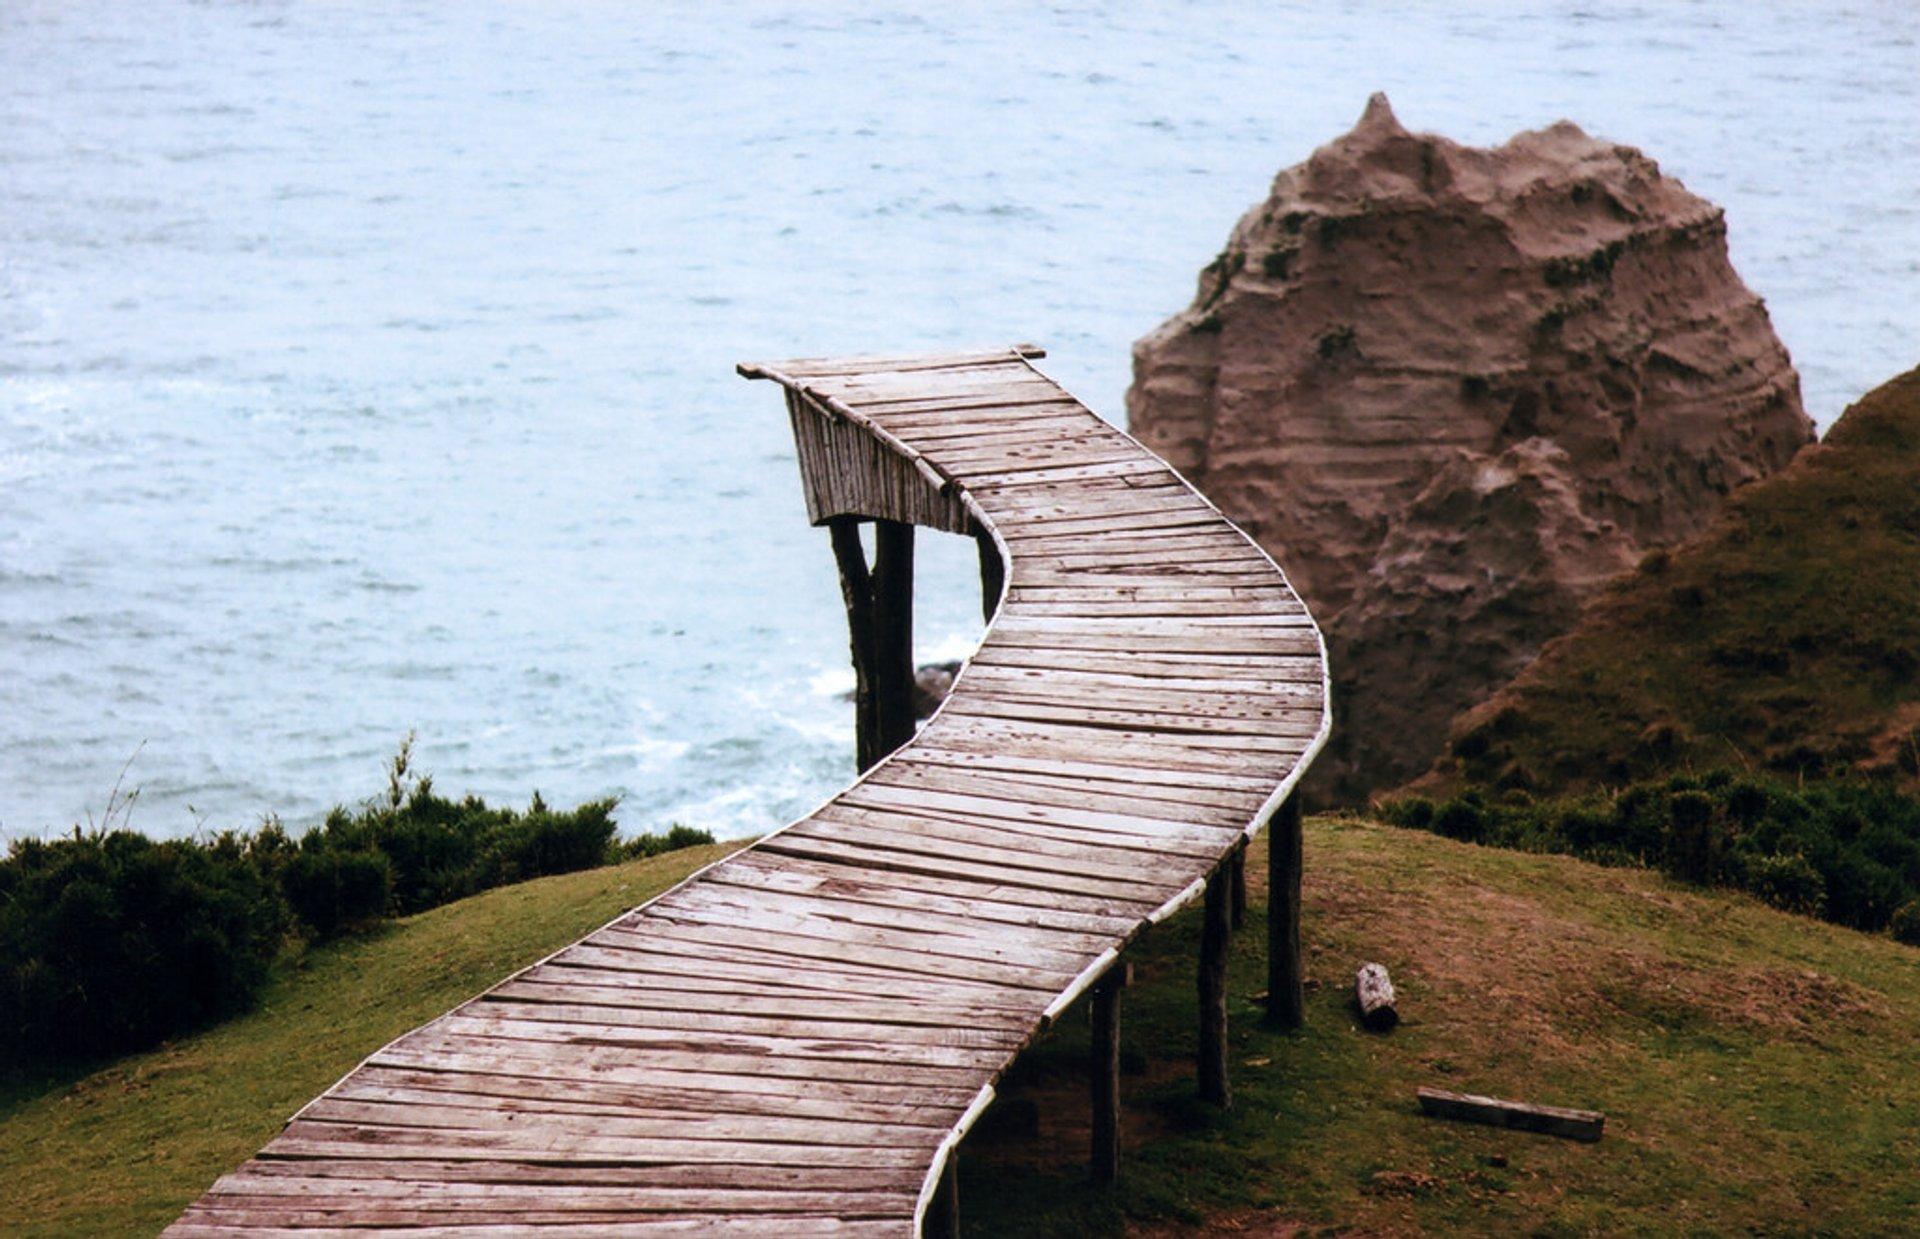 Dock of Souls (Muelle de las Almas) in Chile 2020 - Best Time